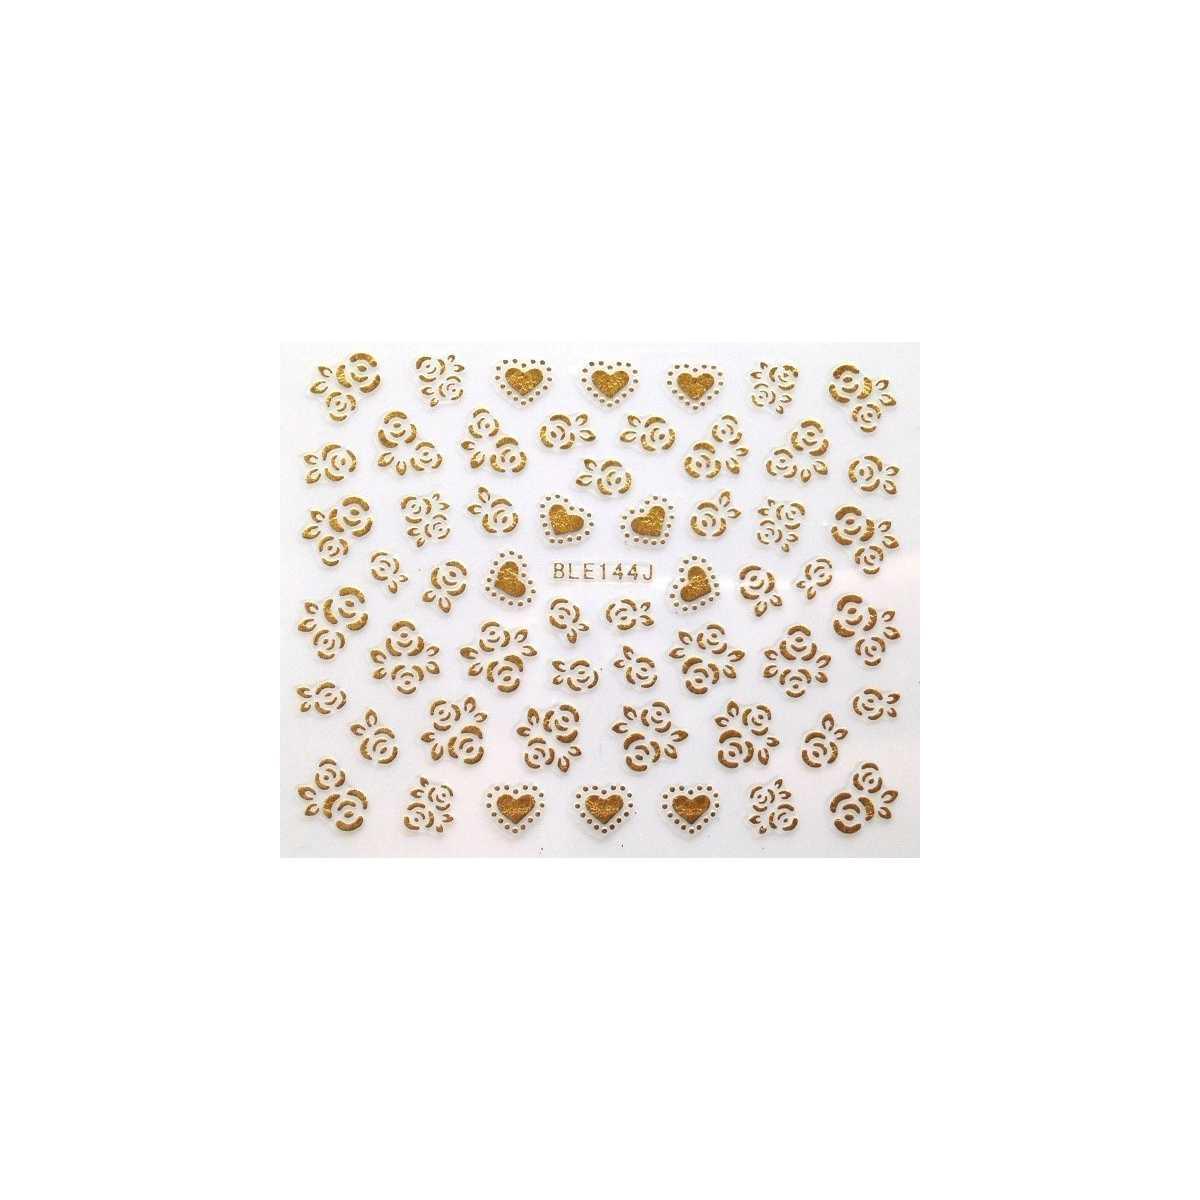 https://www.kit-manucure.com/230-thickbox_default/stickers-pour-ongle-fleurs-dorées.jpg